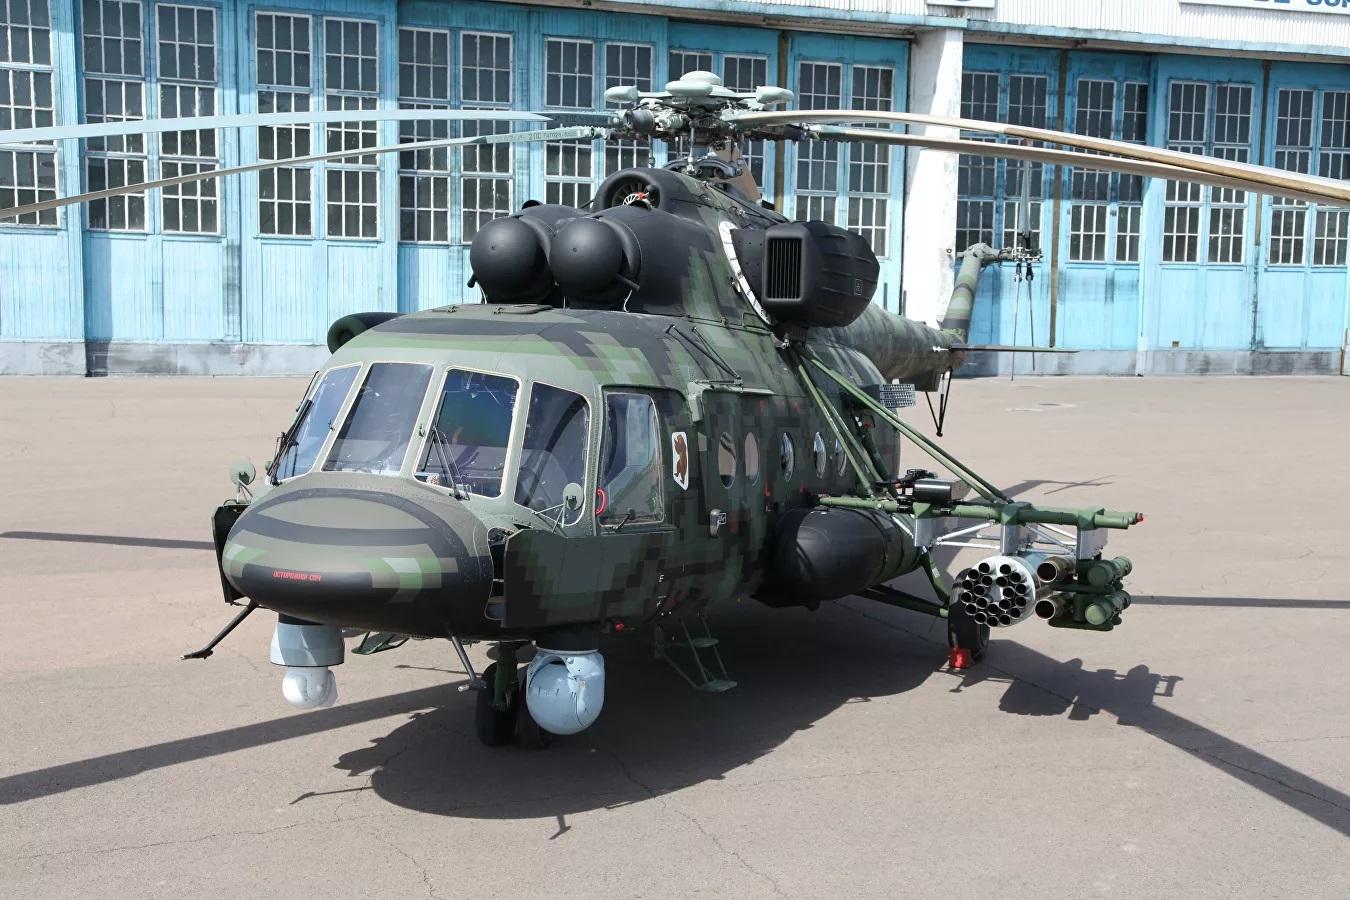 Lực lượng đặc nhiệm Nga thử nghiệm trực thăng tấn công mới